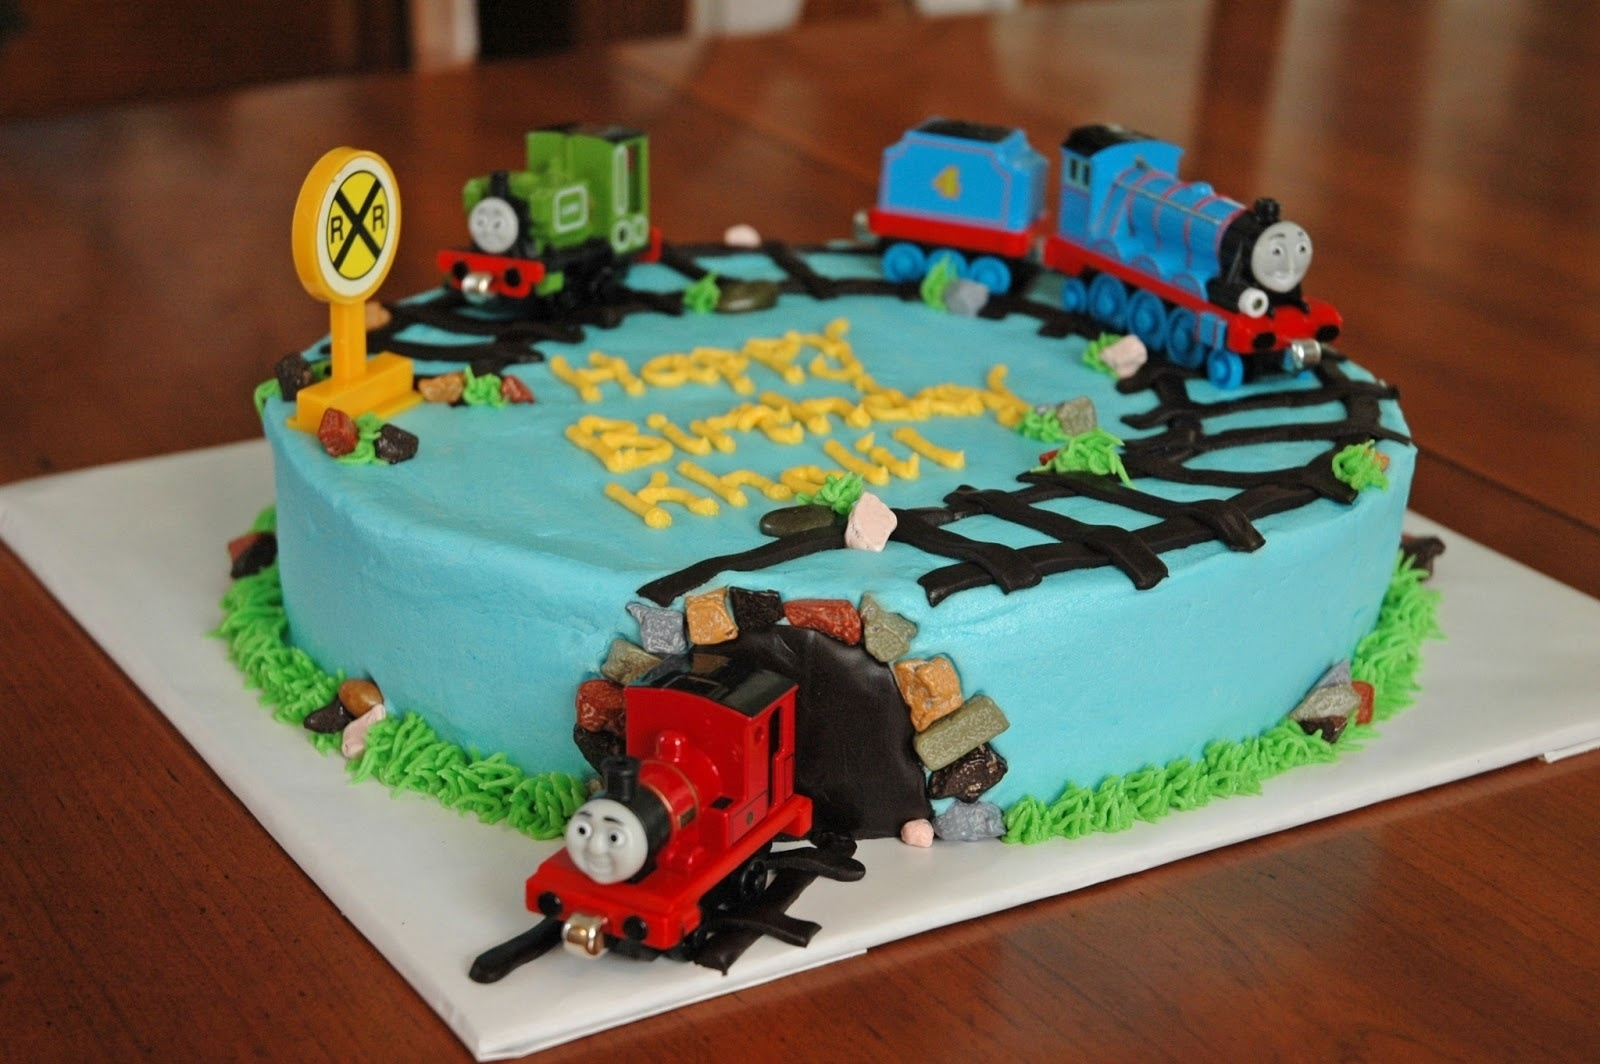 10 Amazing Thomas The Train Cakes Ideas %name 2021